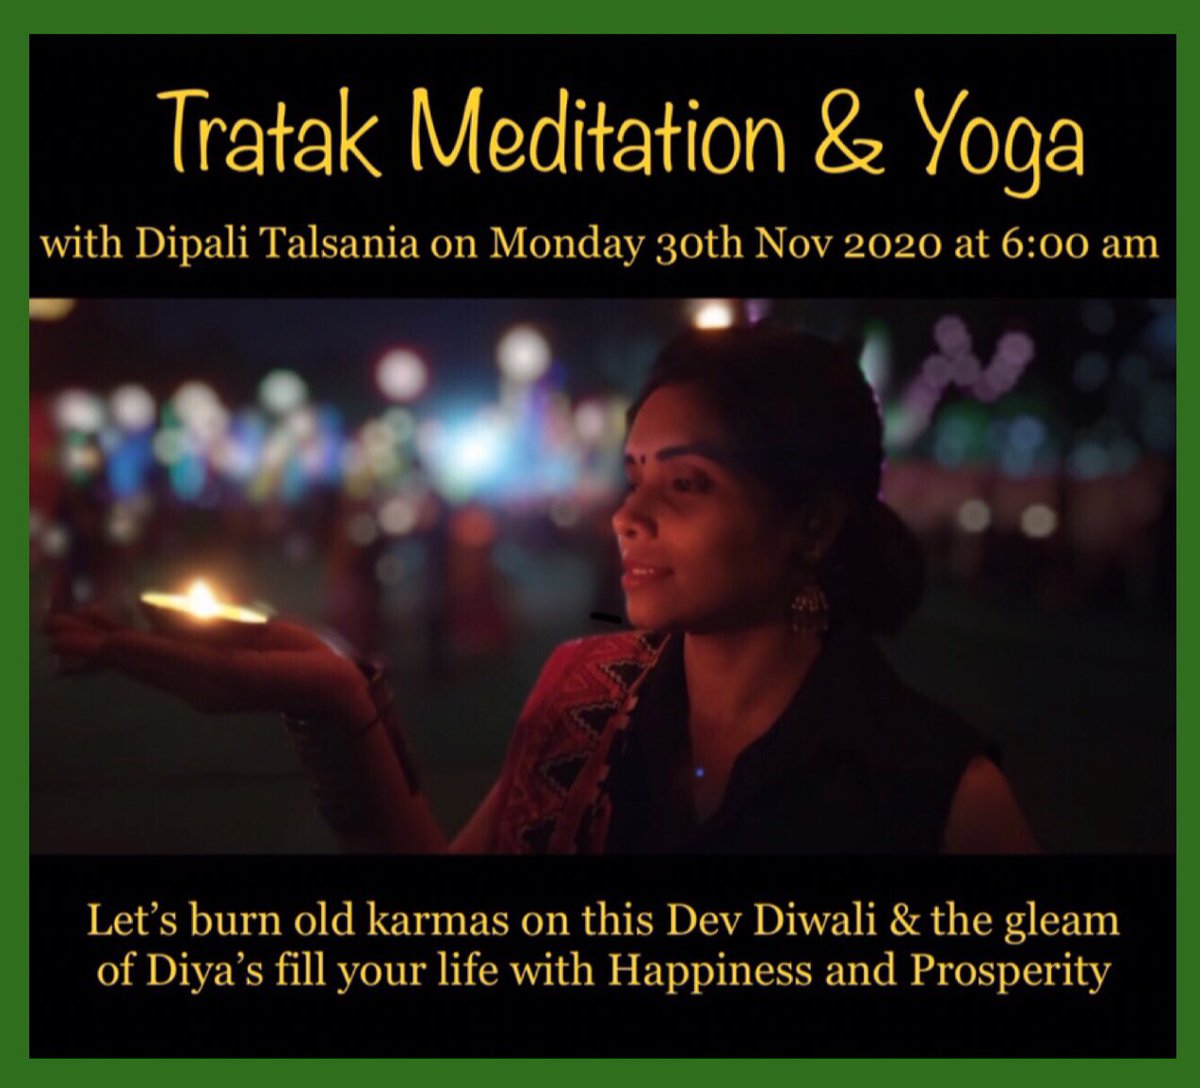 અમદાવાદ થી દિપાલી તલસાણીયા DIPALI TALSANIA Wishing you Happy Dev Diwali  #WorldSuicidePreventionDay #YogmayGujarat #YogKiBaat #YogsevakSheeshpal #GujaratStateYogBoard #YogForAll #YogInGujarat #YogLife #YogFlow #Yog #MaharshiPatanjali #BabaRamdev #DoYogaBeatCorona